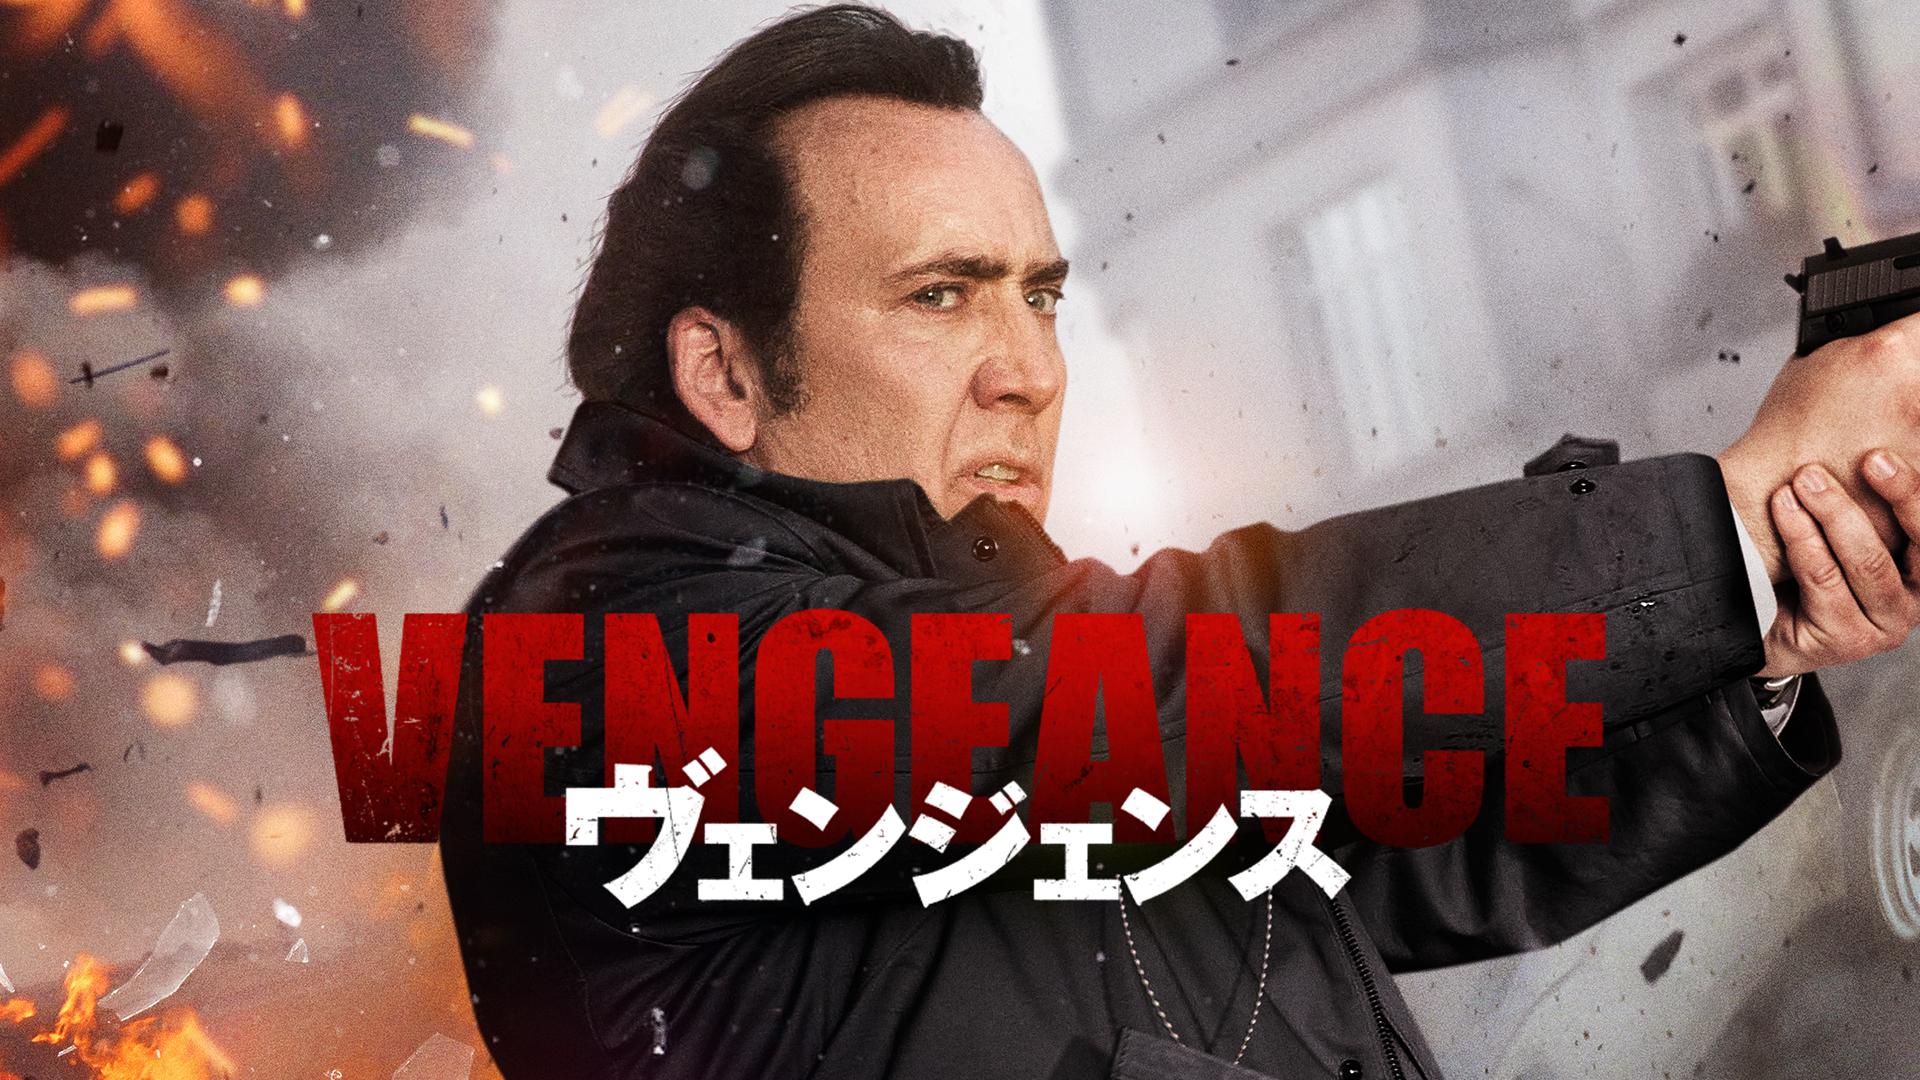 ヴェンジェンス(字幕版)